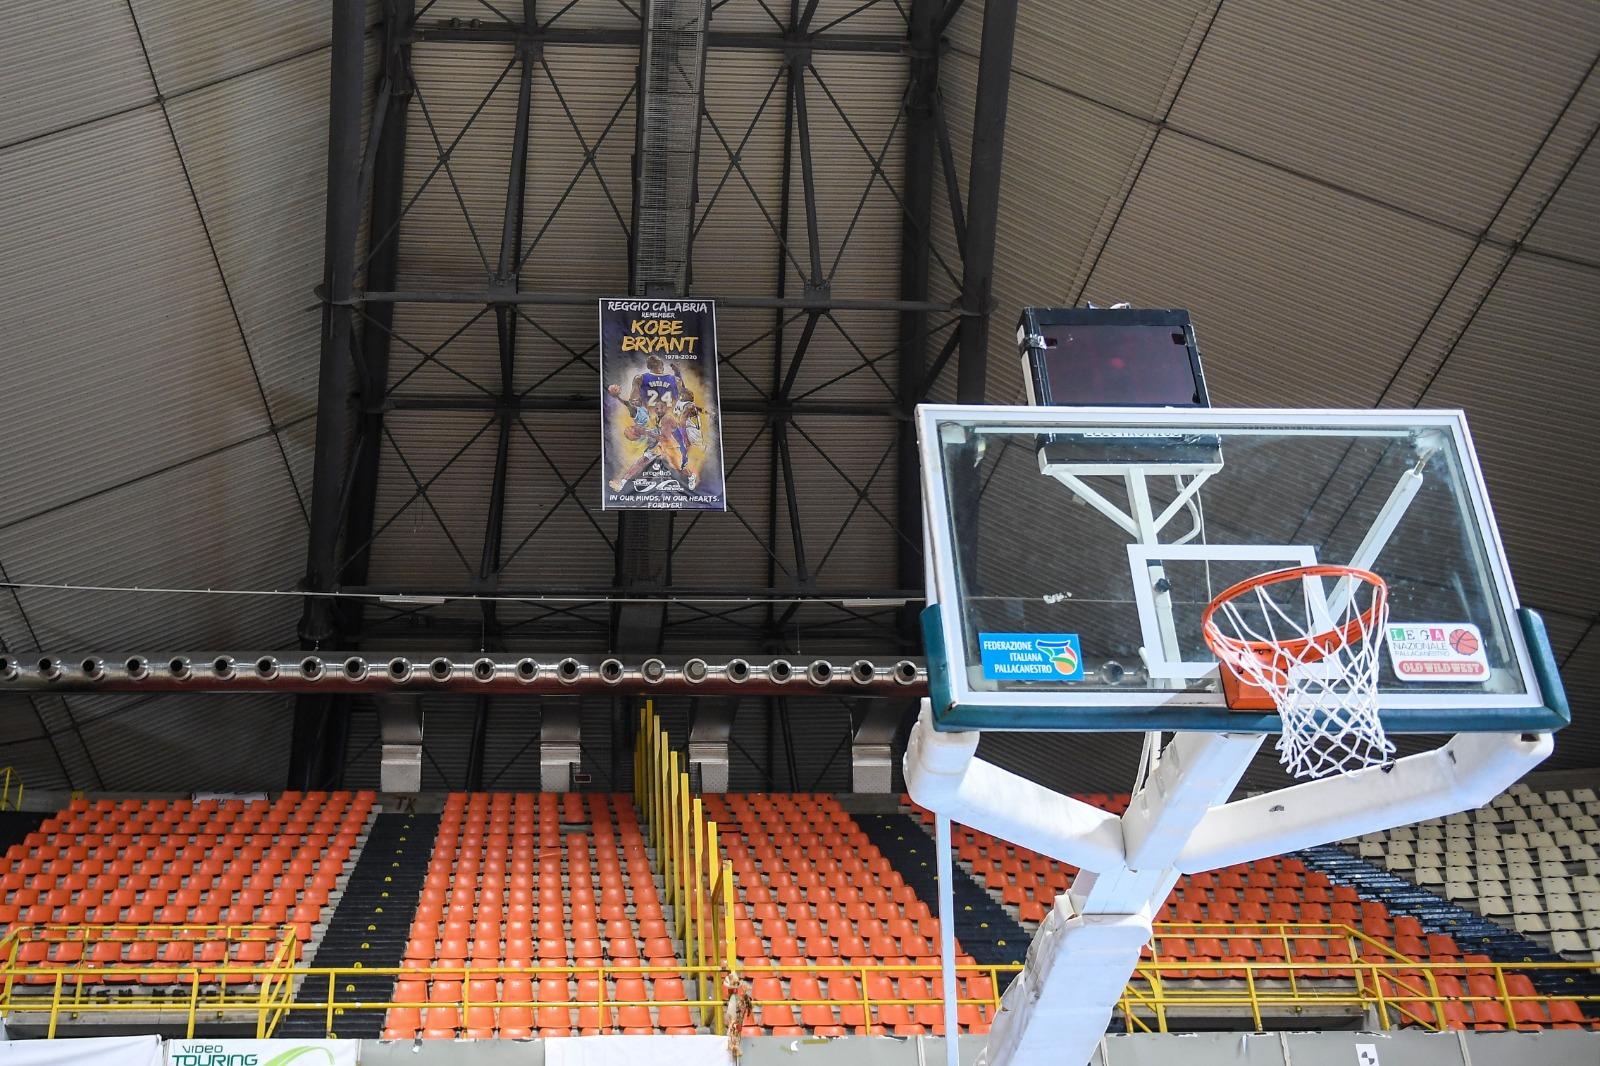 Ricordo di Kobe Bryant, uno stendardo commemorativo all'interno del PalaCalafiore